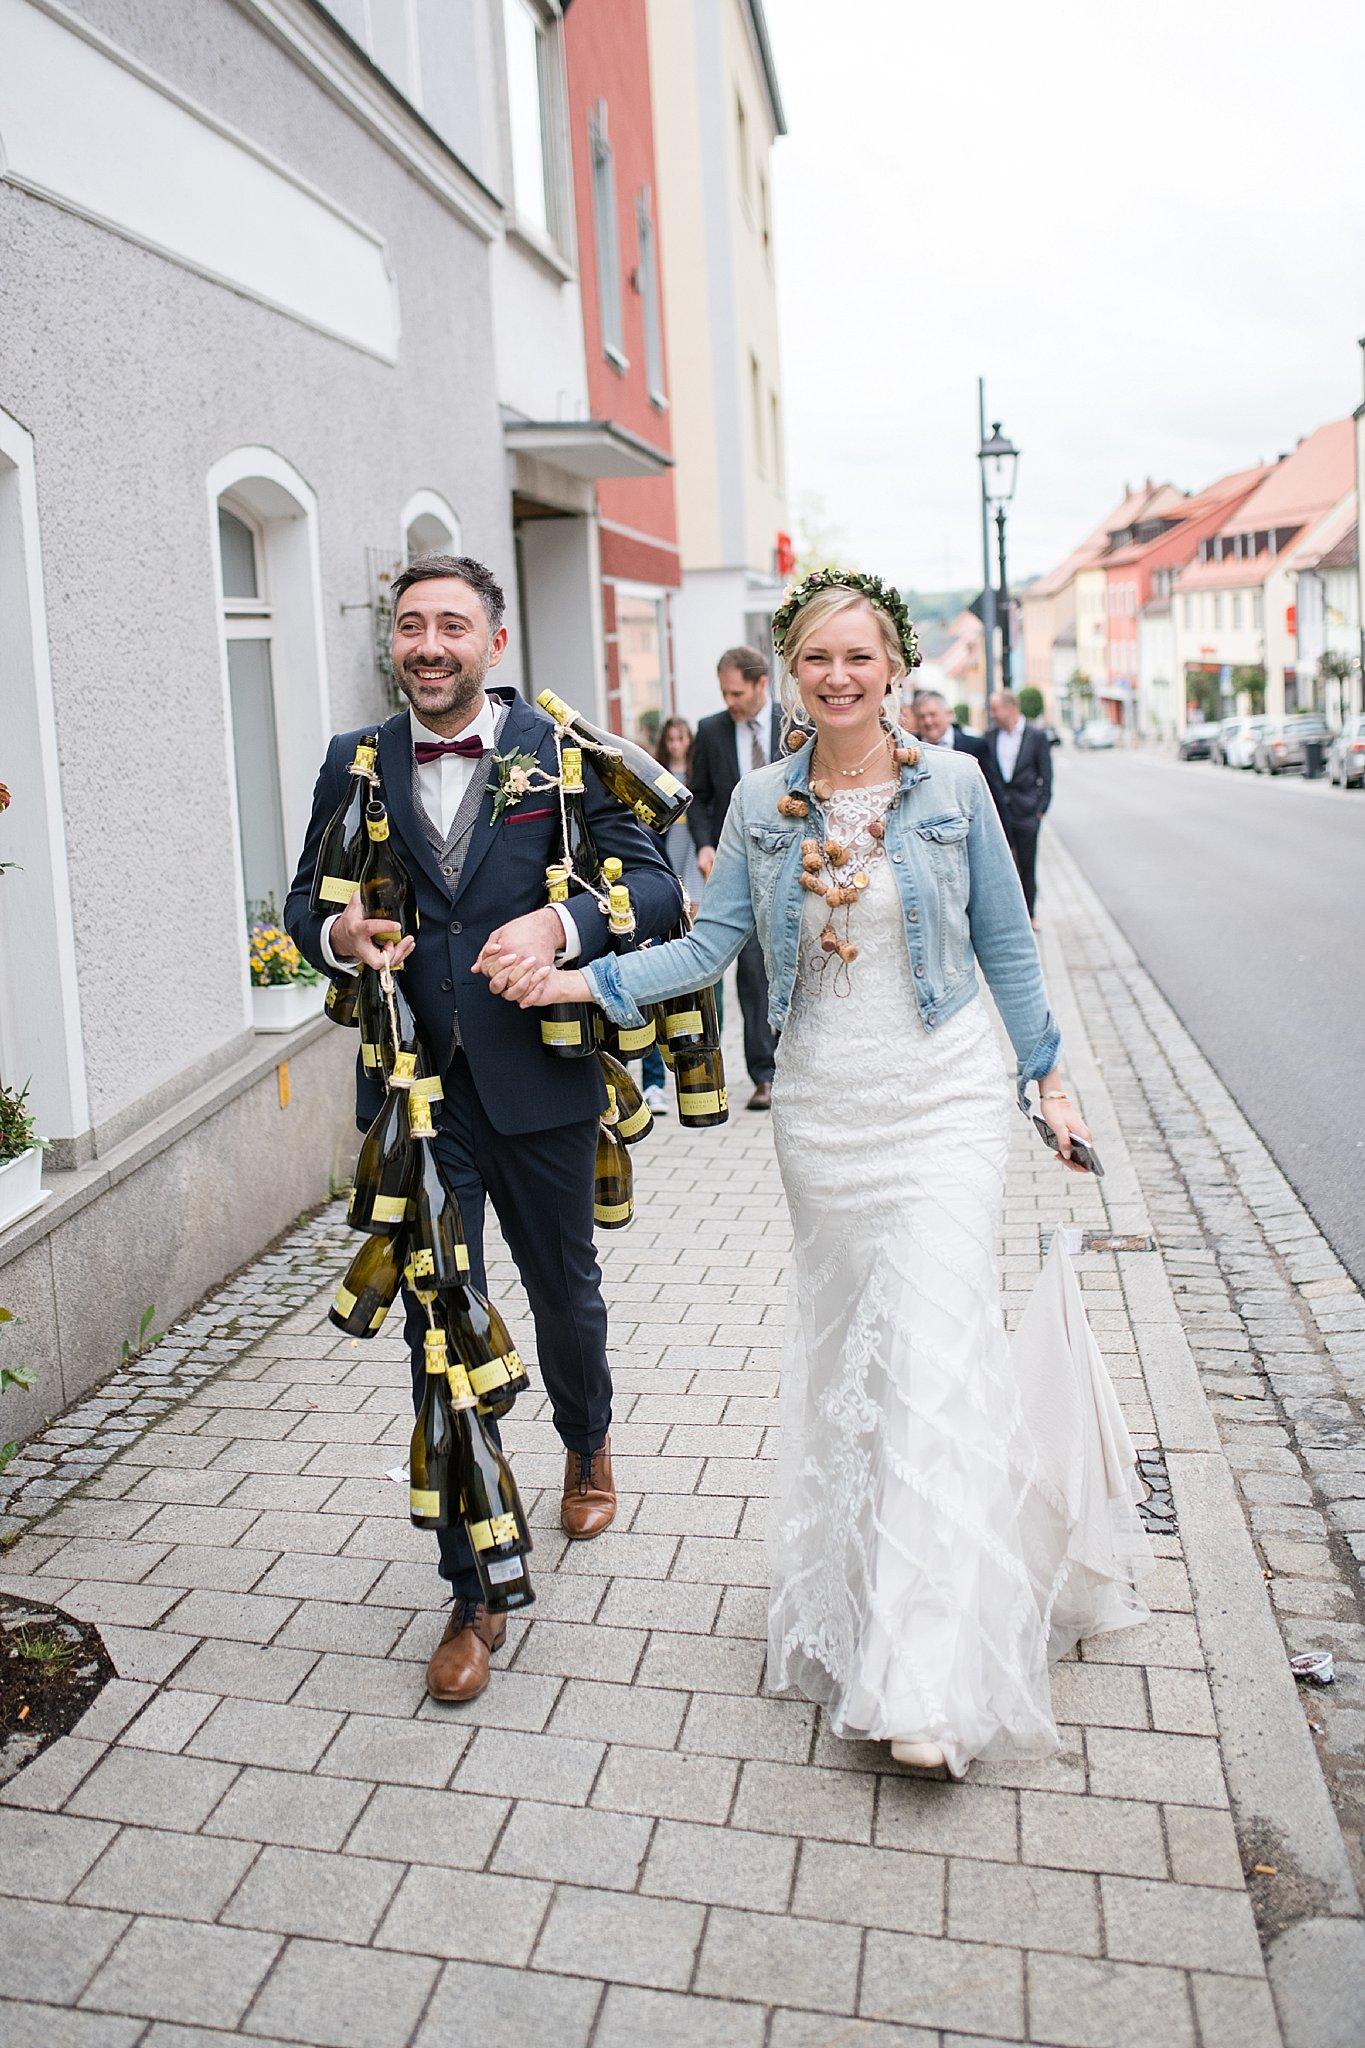 Hochzeit-von-Marina-Dominik-auf-Burg-Wernberg-und-Schloss-Friedrichsburg-00117